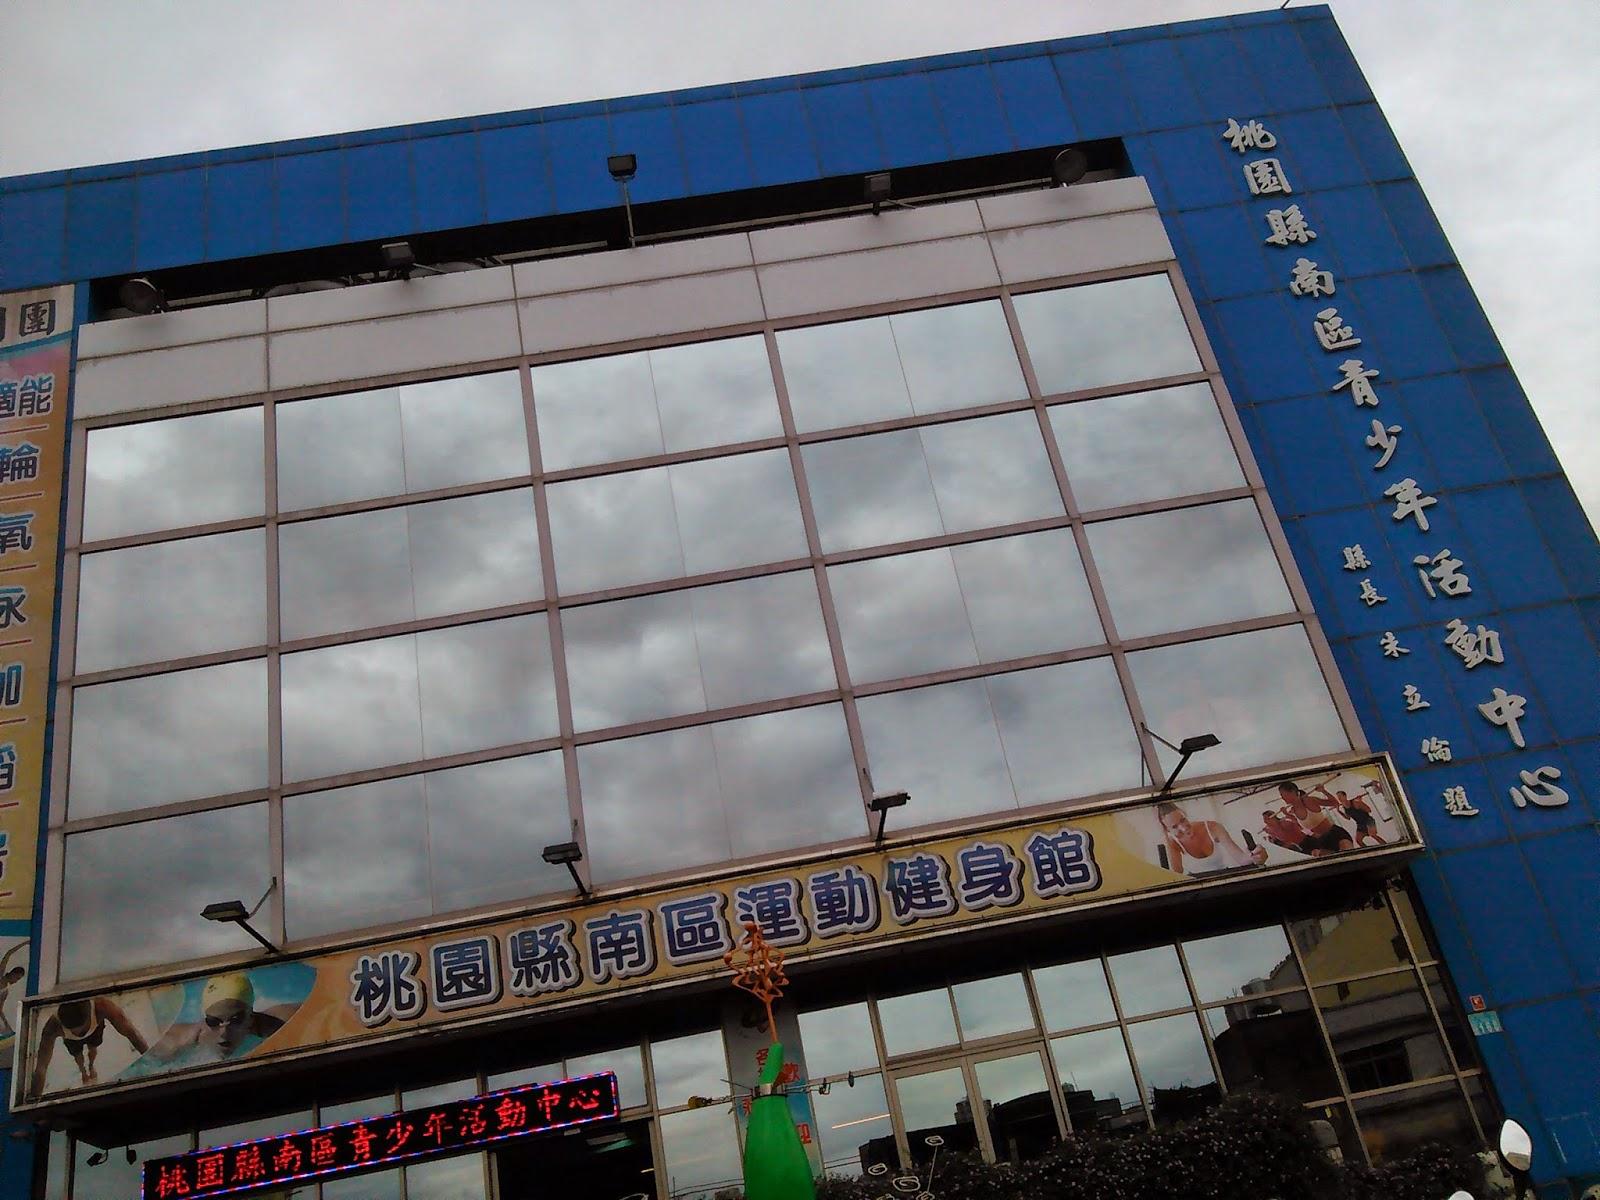 開箱-- 南區青少年活動中心泳池 - 噹! 中場休息